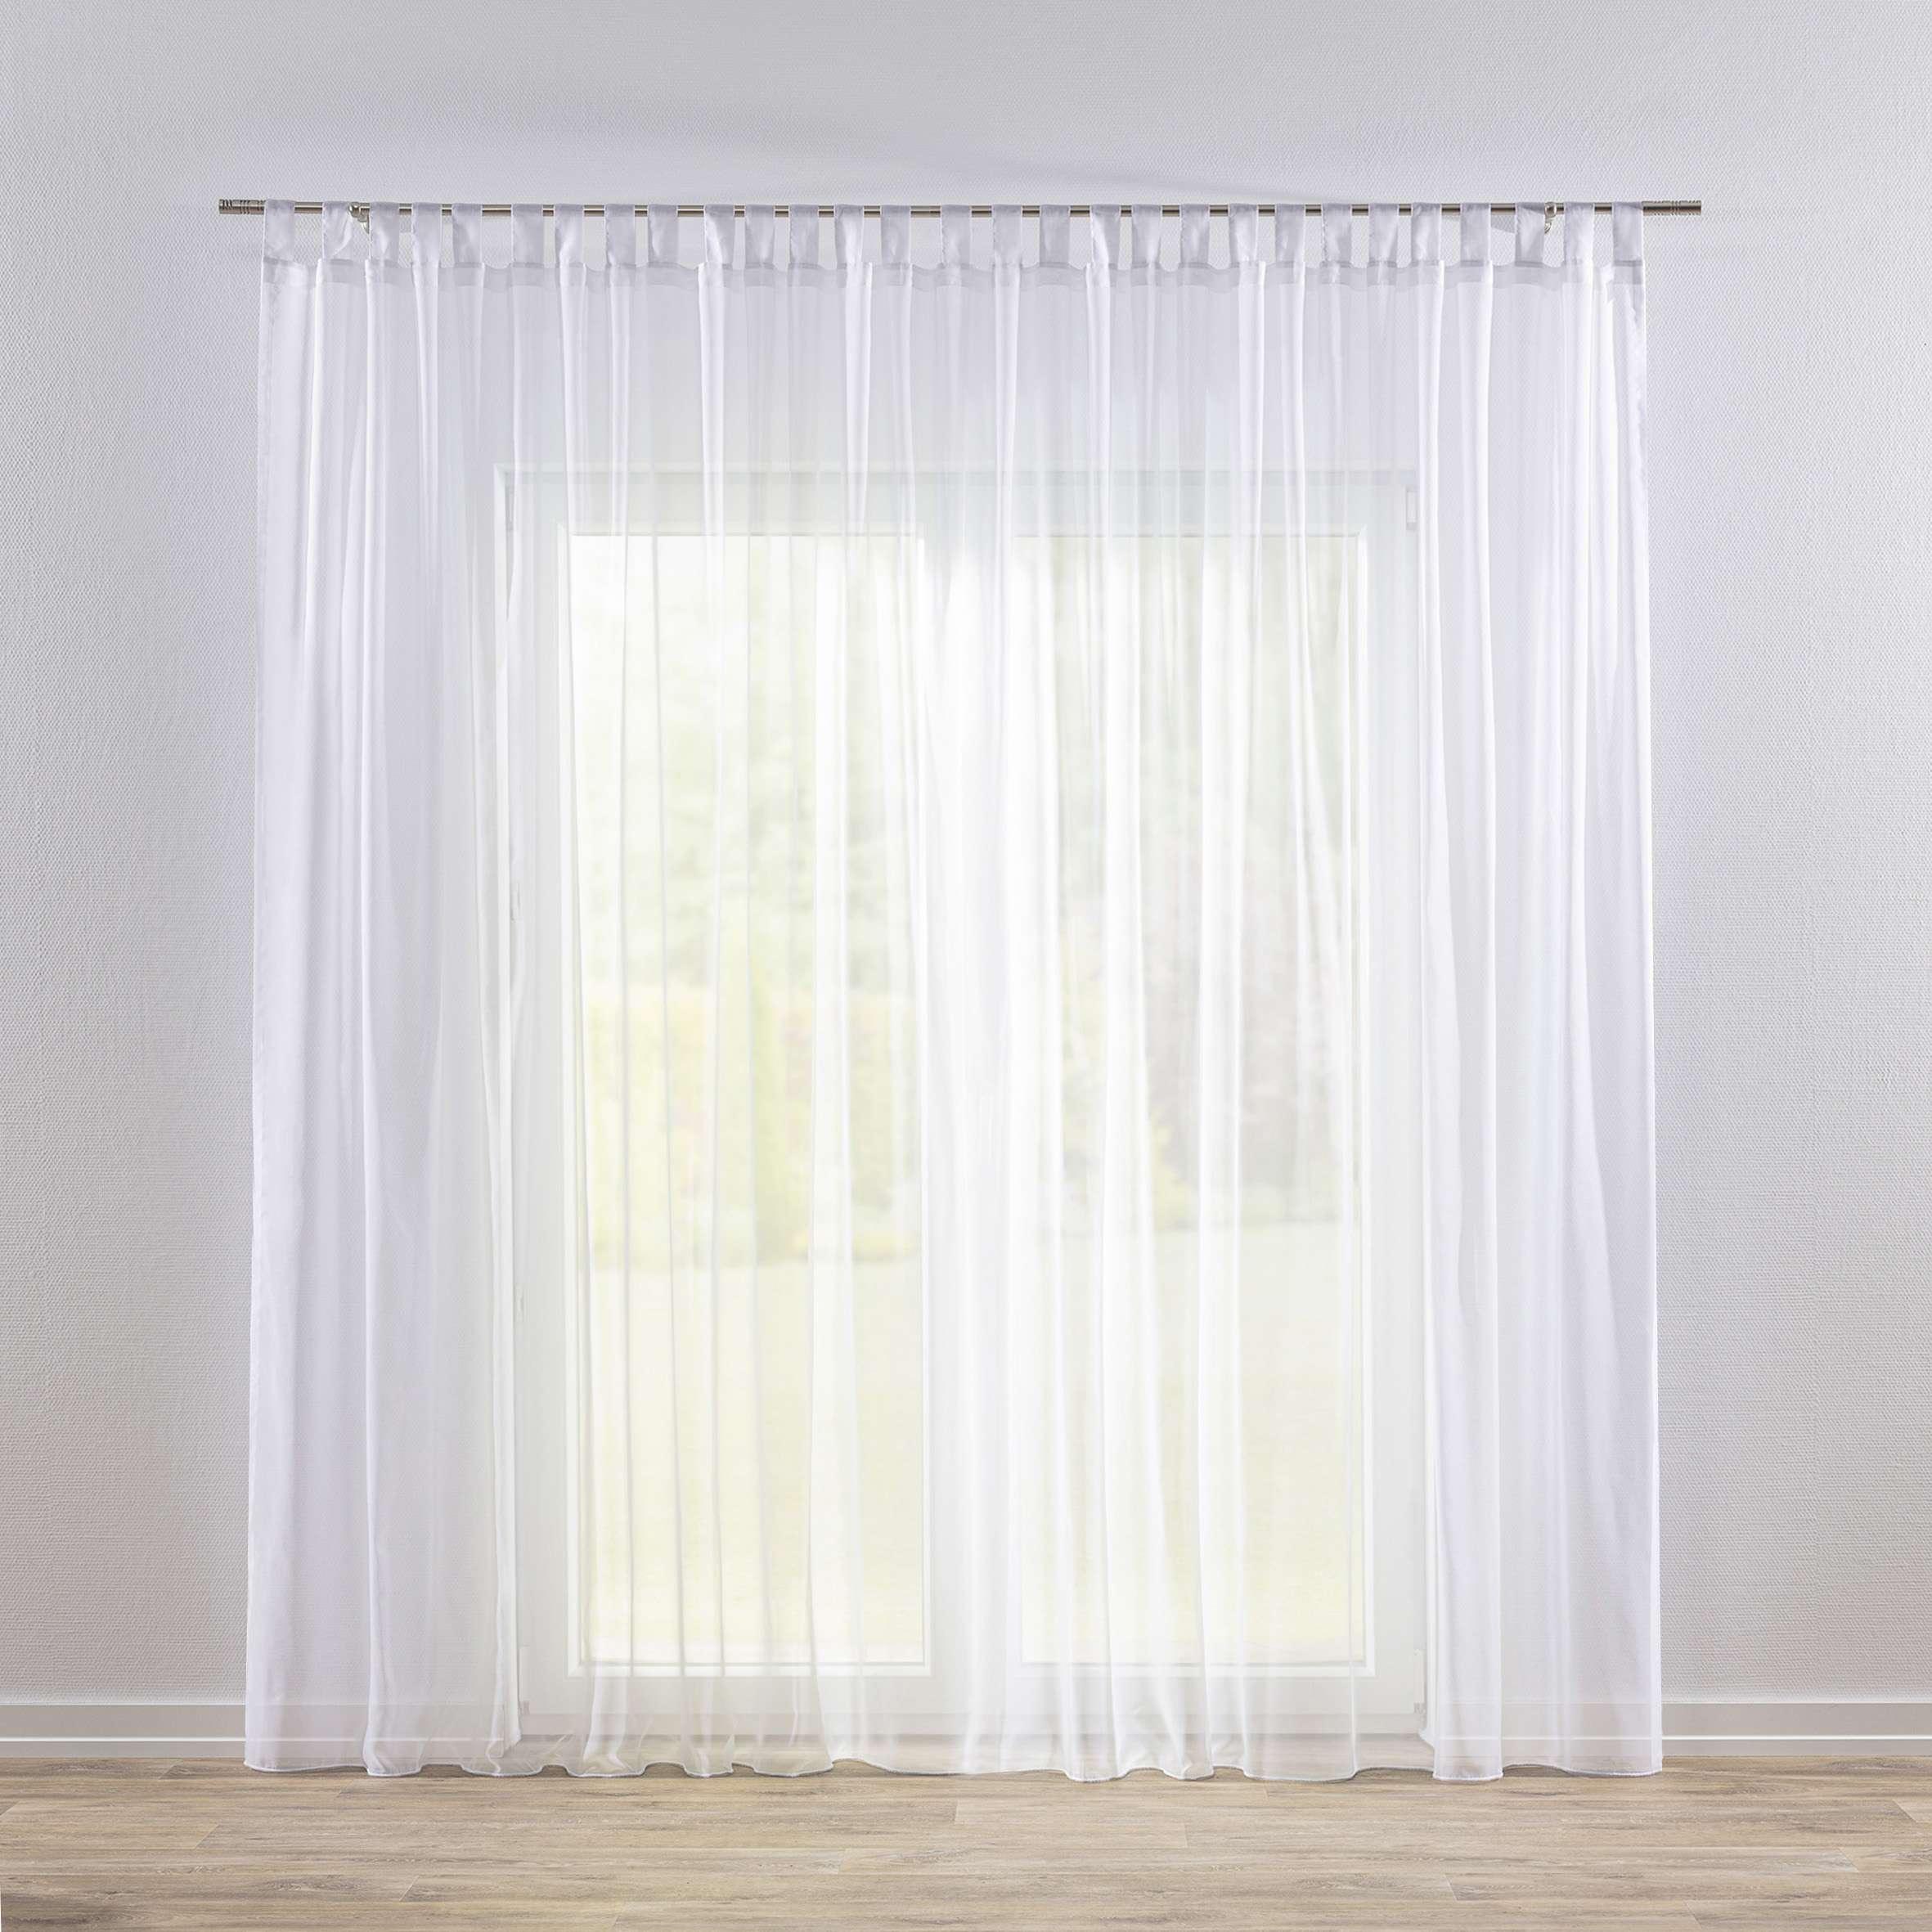 Záclona voálová jednoduchá na poutka na míru v kolekci Voile - Voál, látka: 901-00